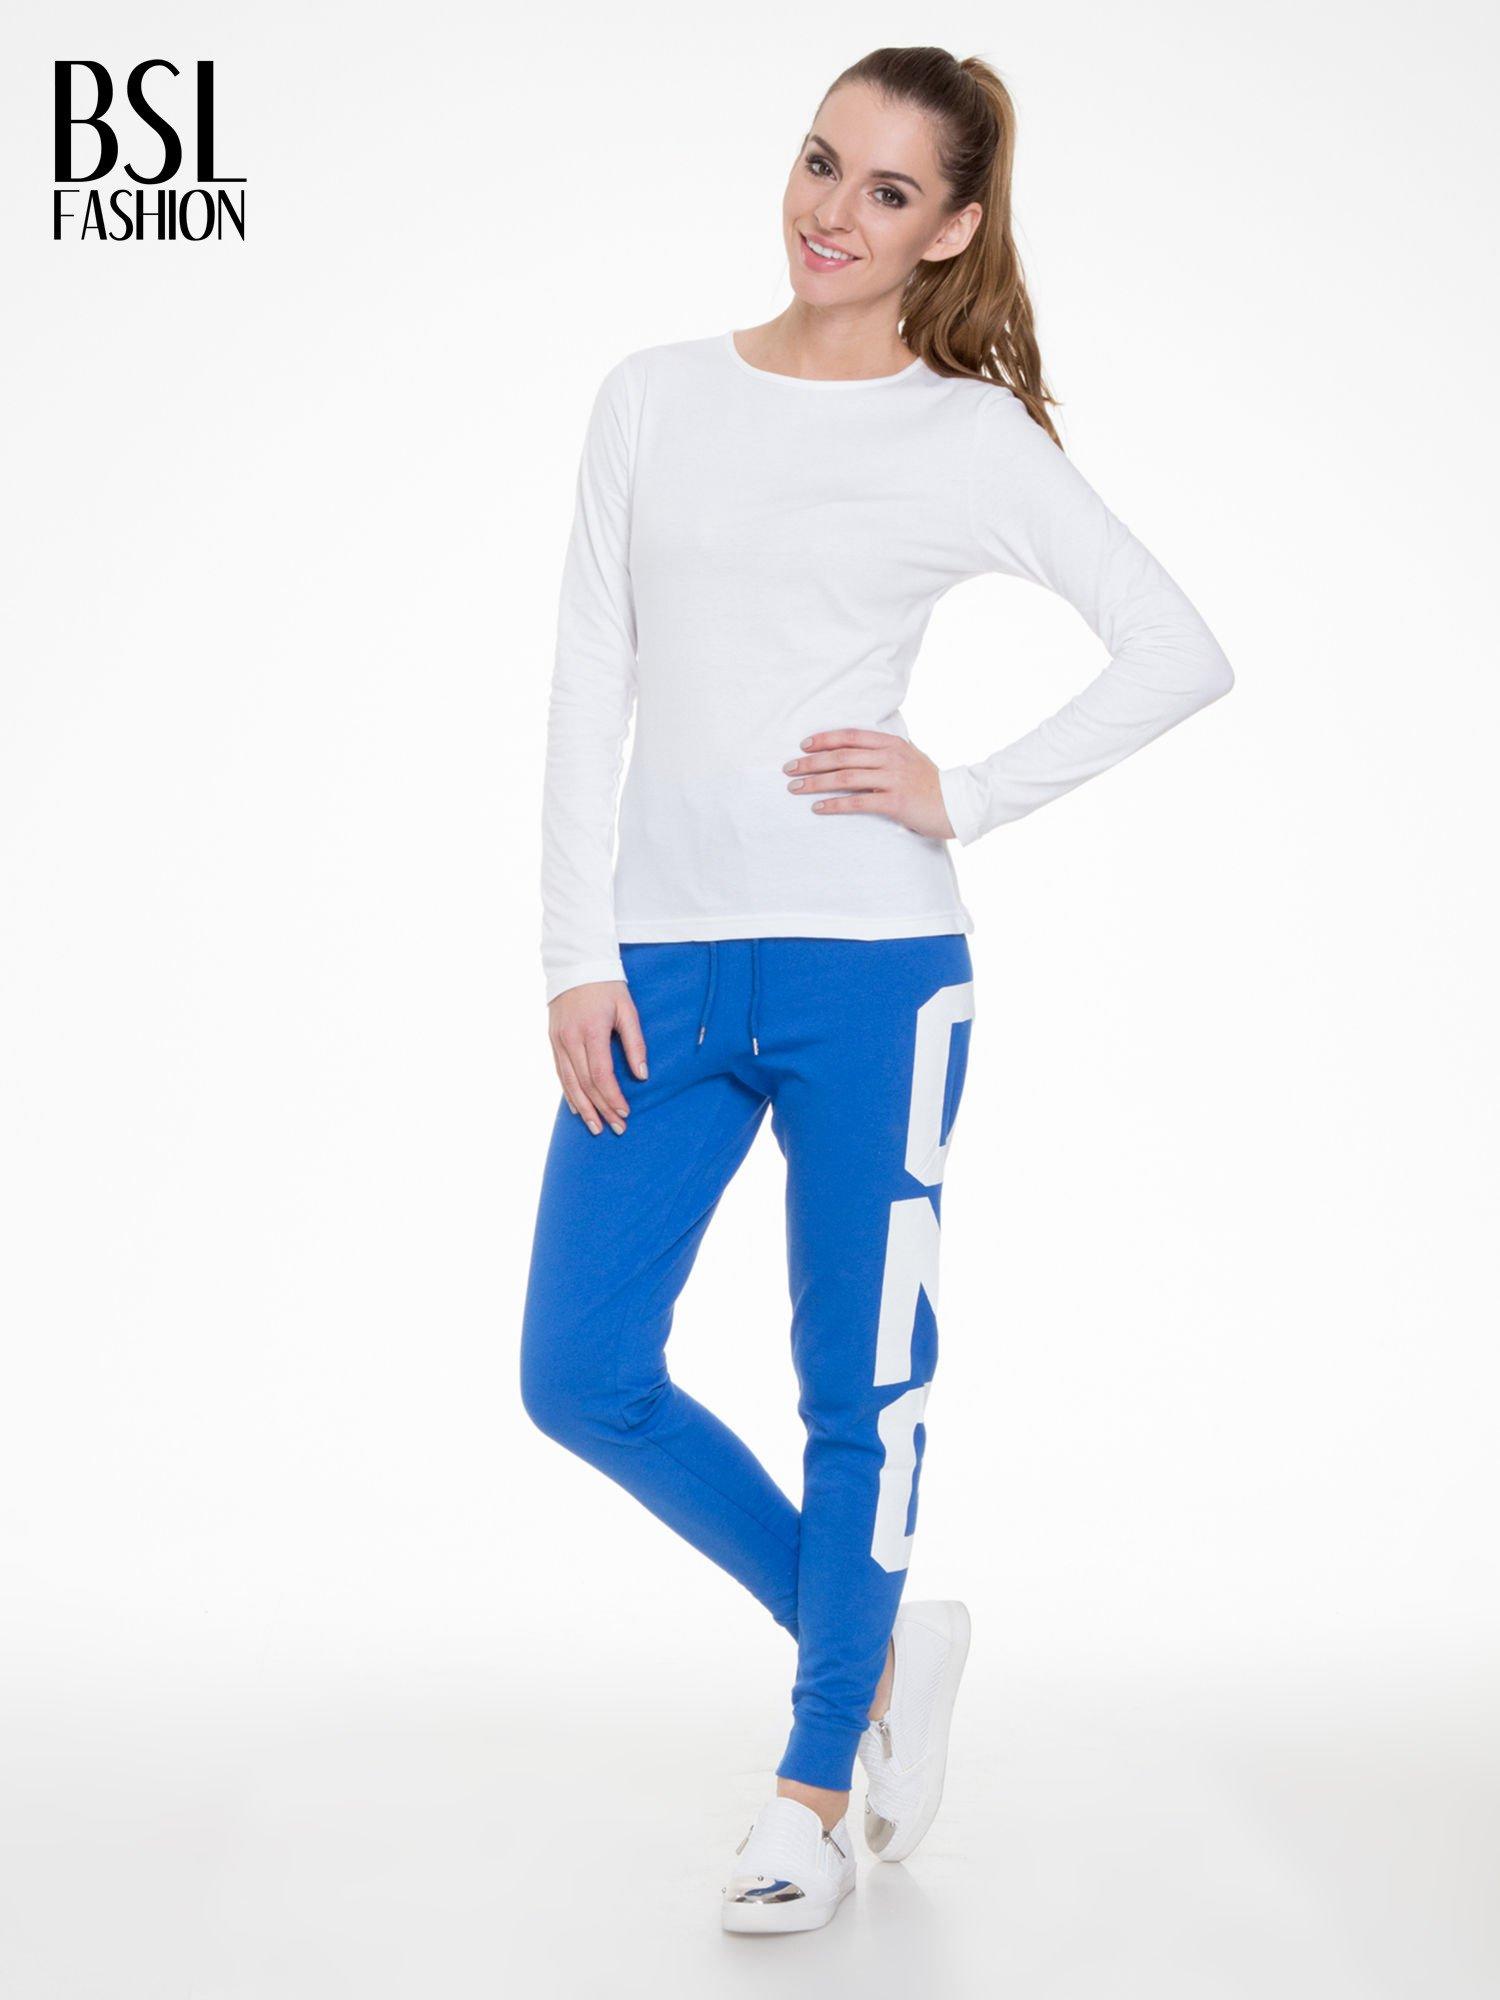 Niebieskie spodnie dresowe z nadrukiem OMG z boku nogawek                                  zdj.                                  2